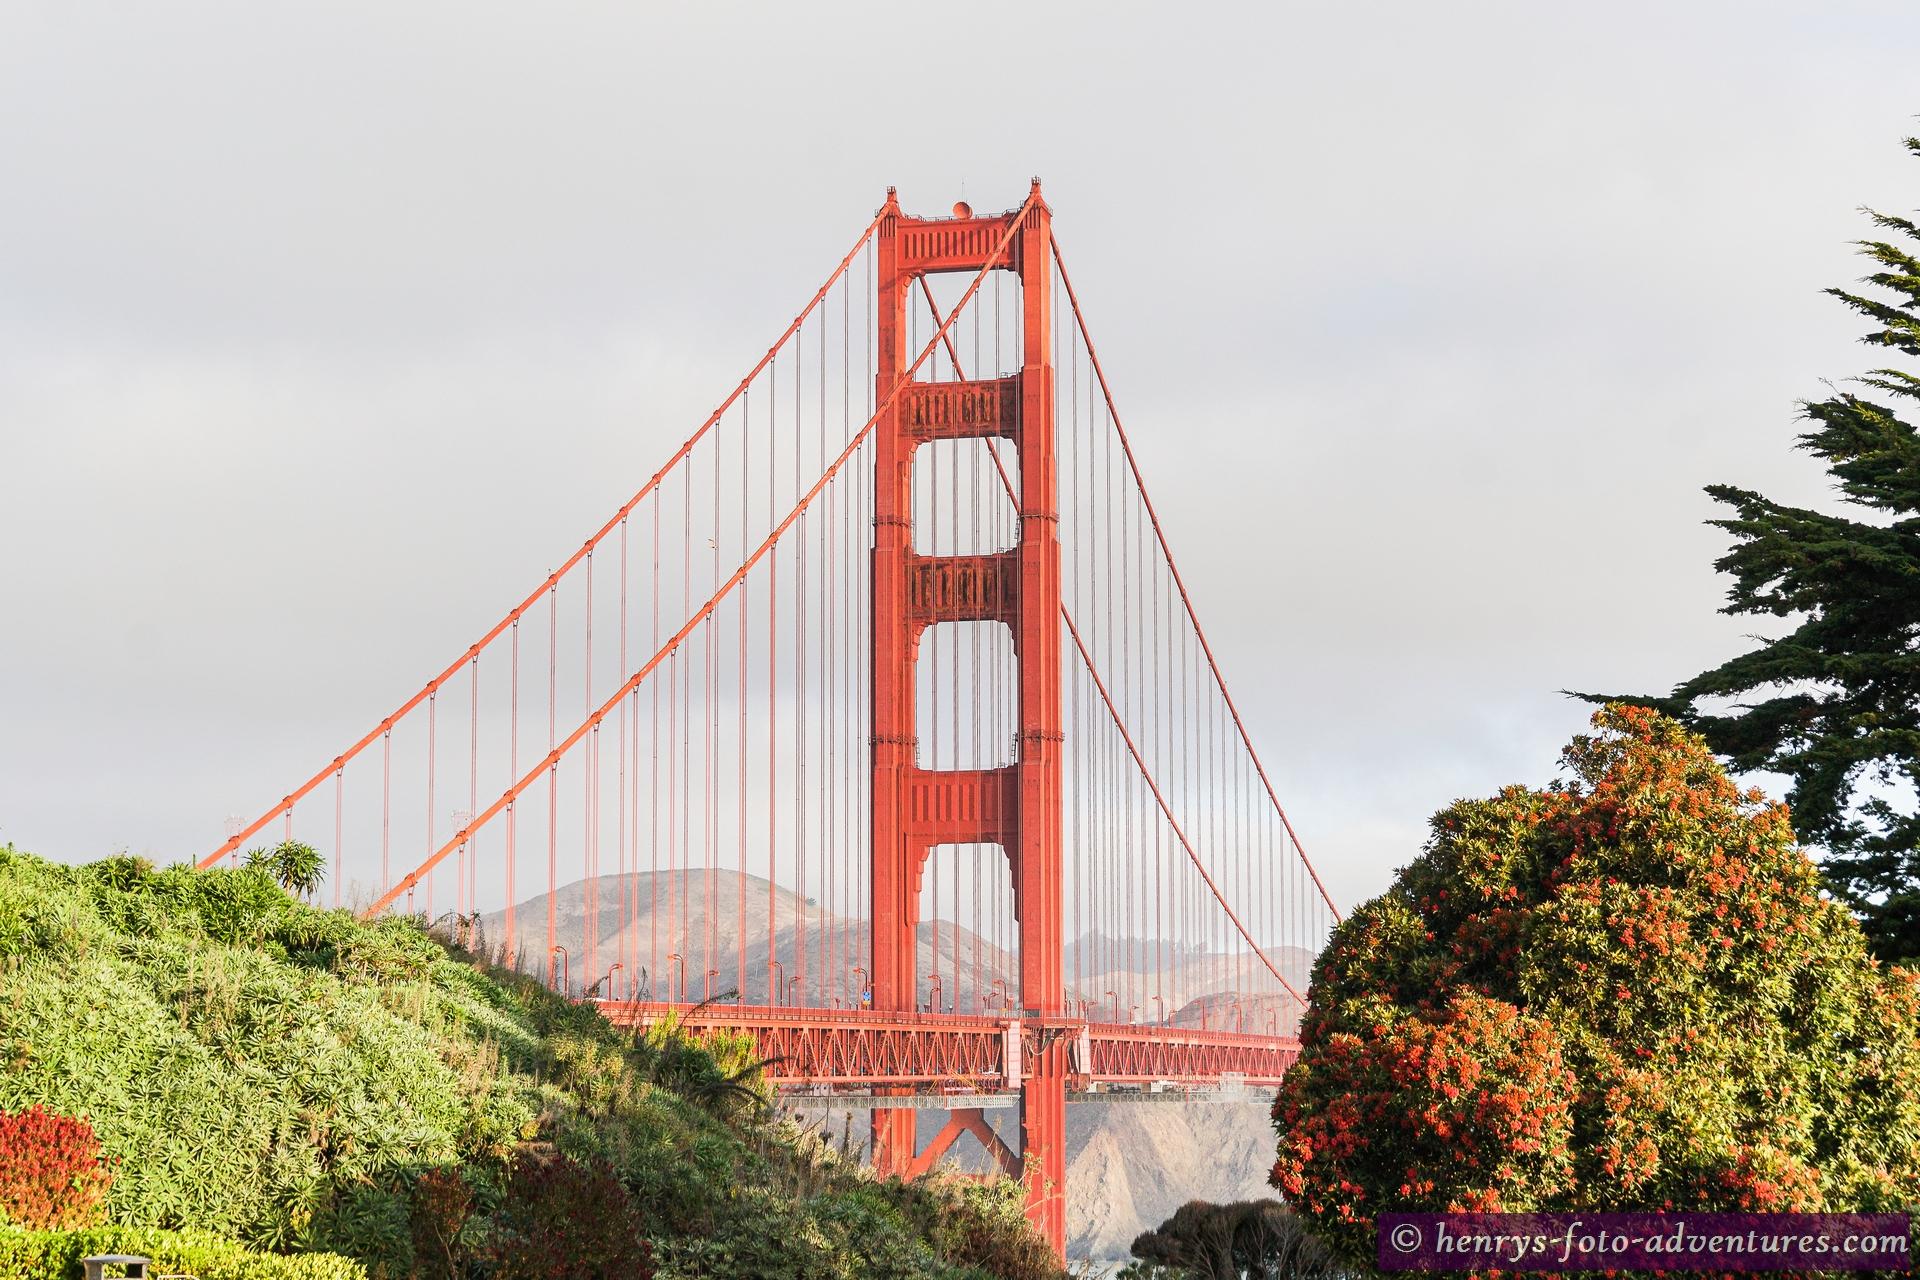 die wohl bekannteste Hängebrücke der Welt